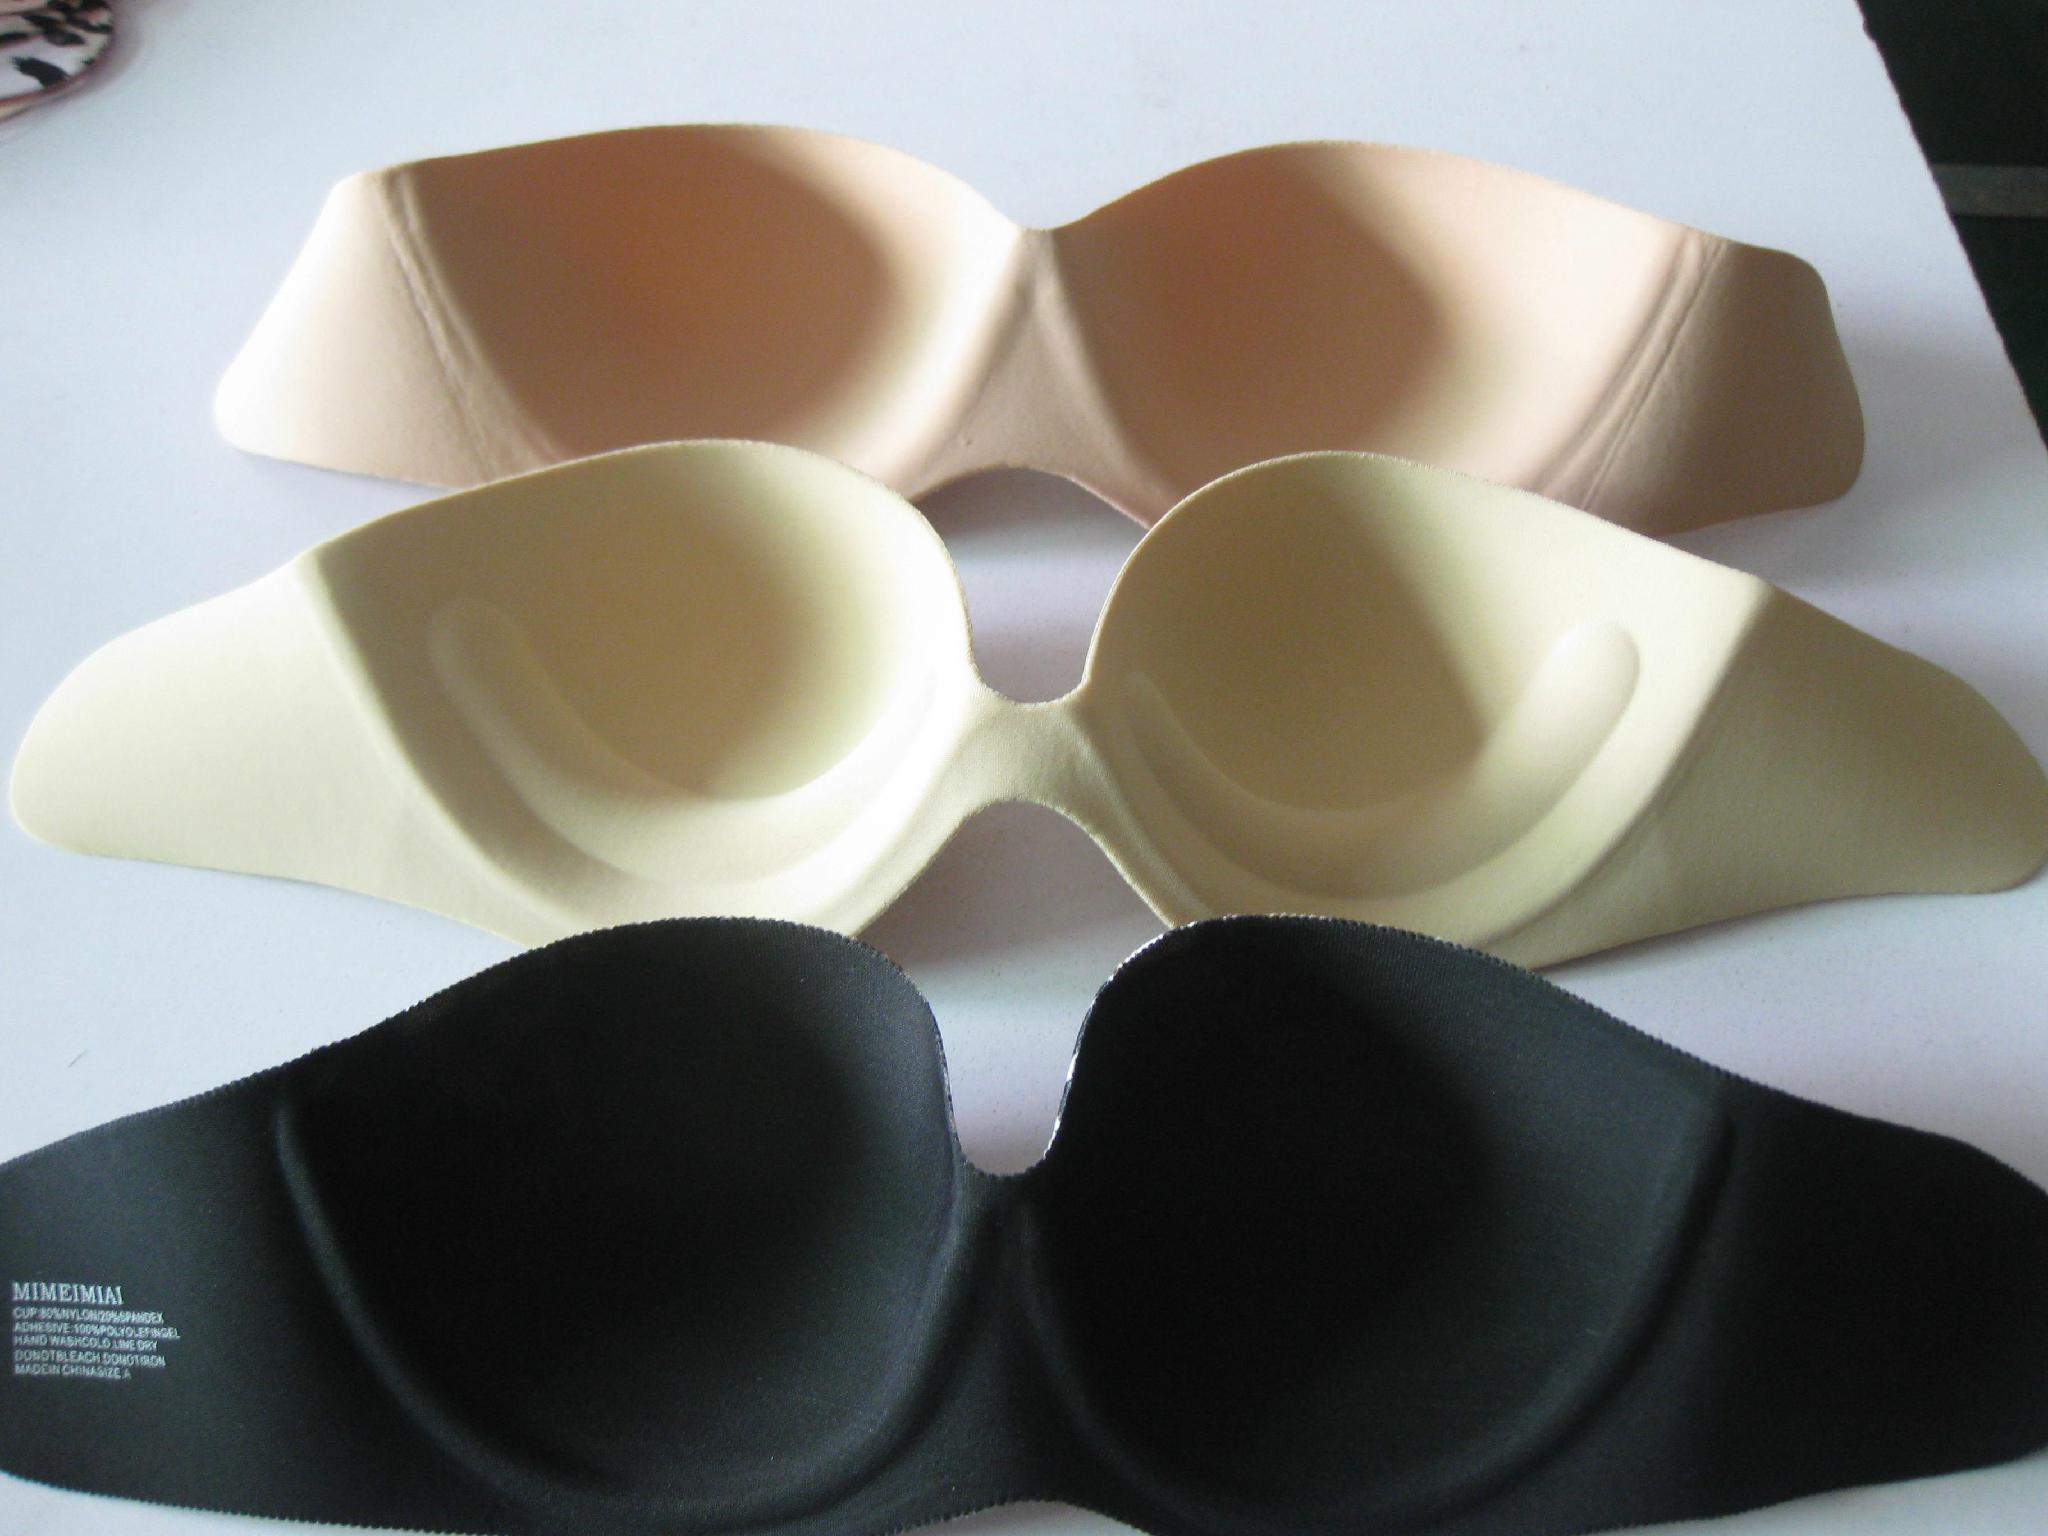 wholesale sports bra - breathable one piece silicon invisible bra 8